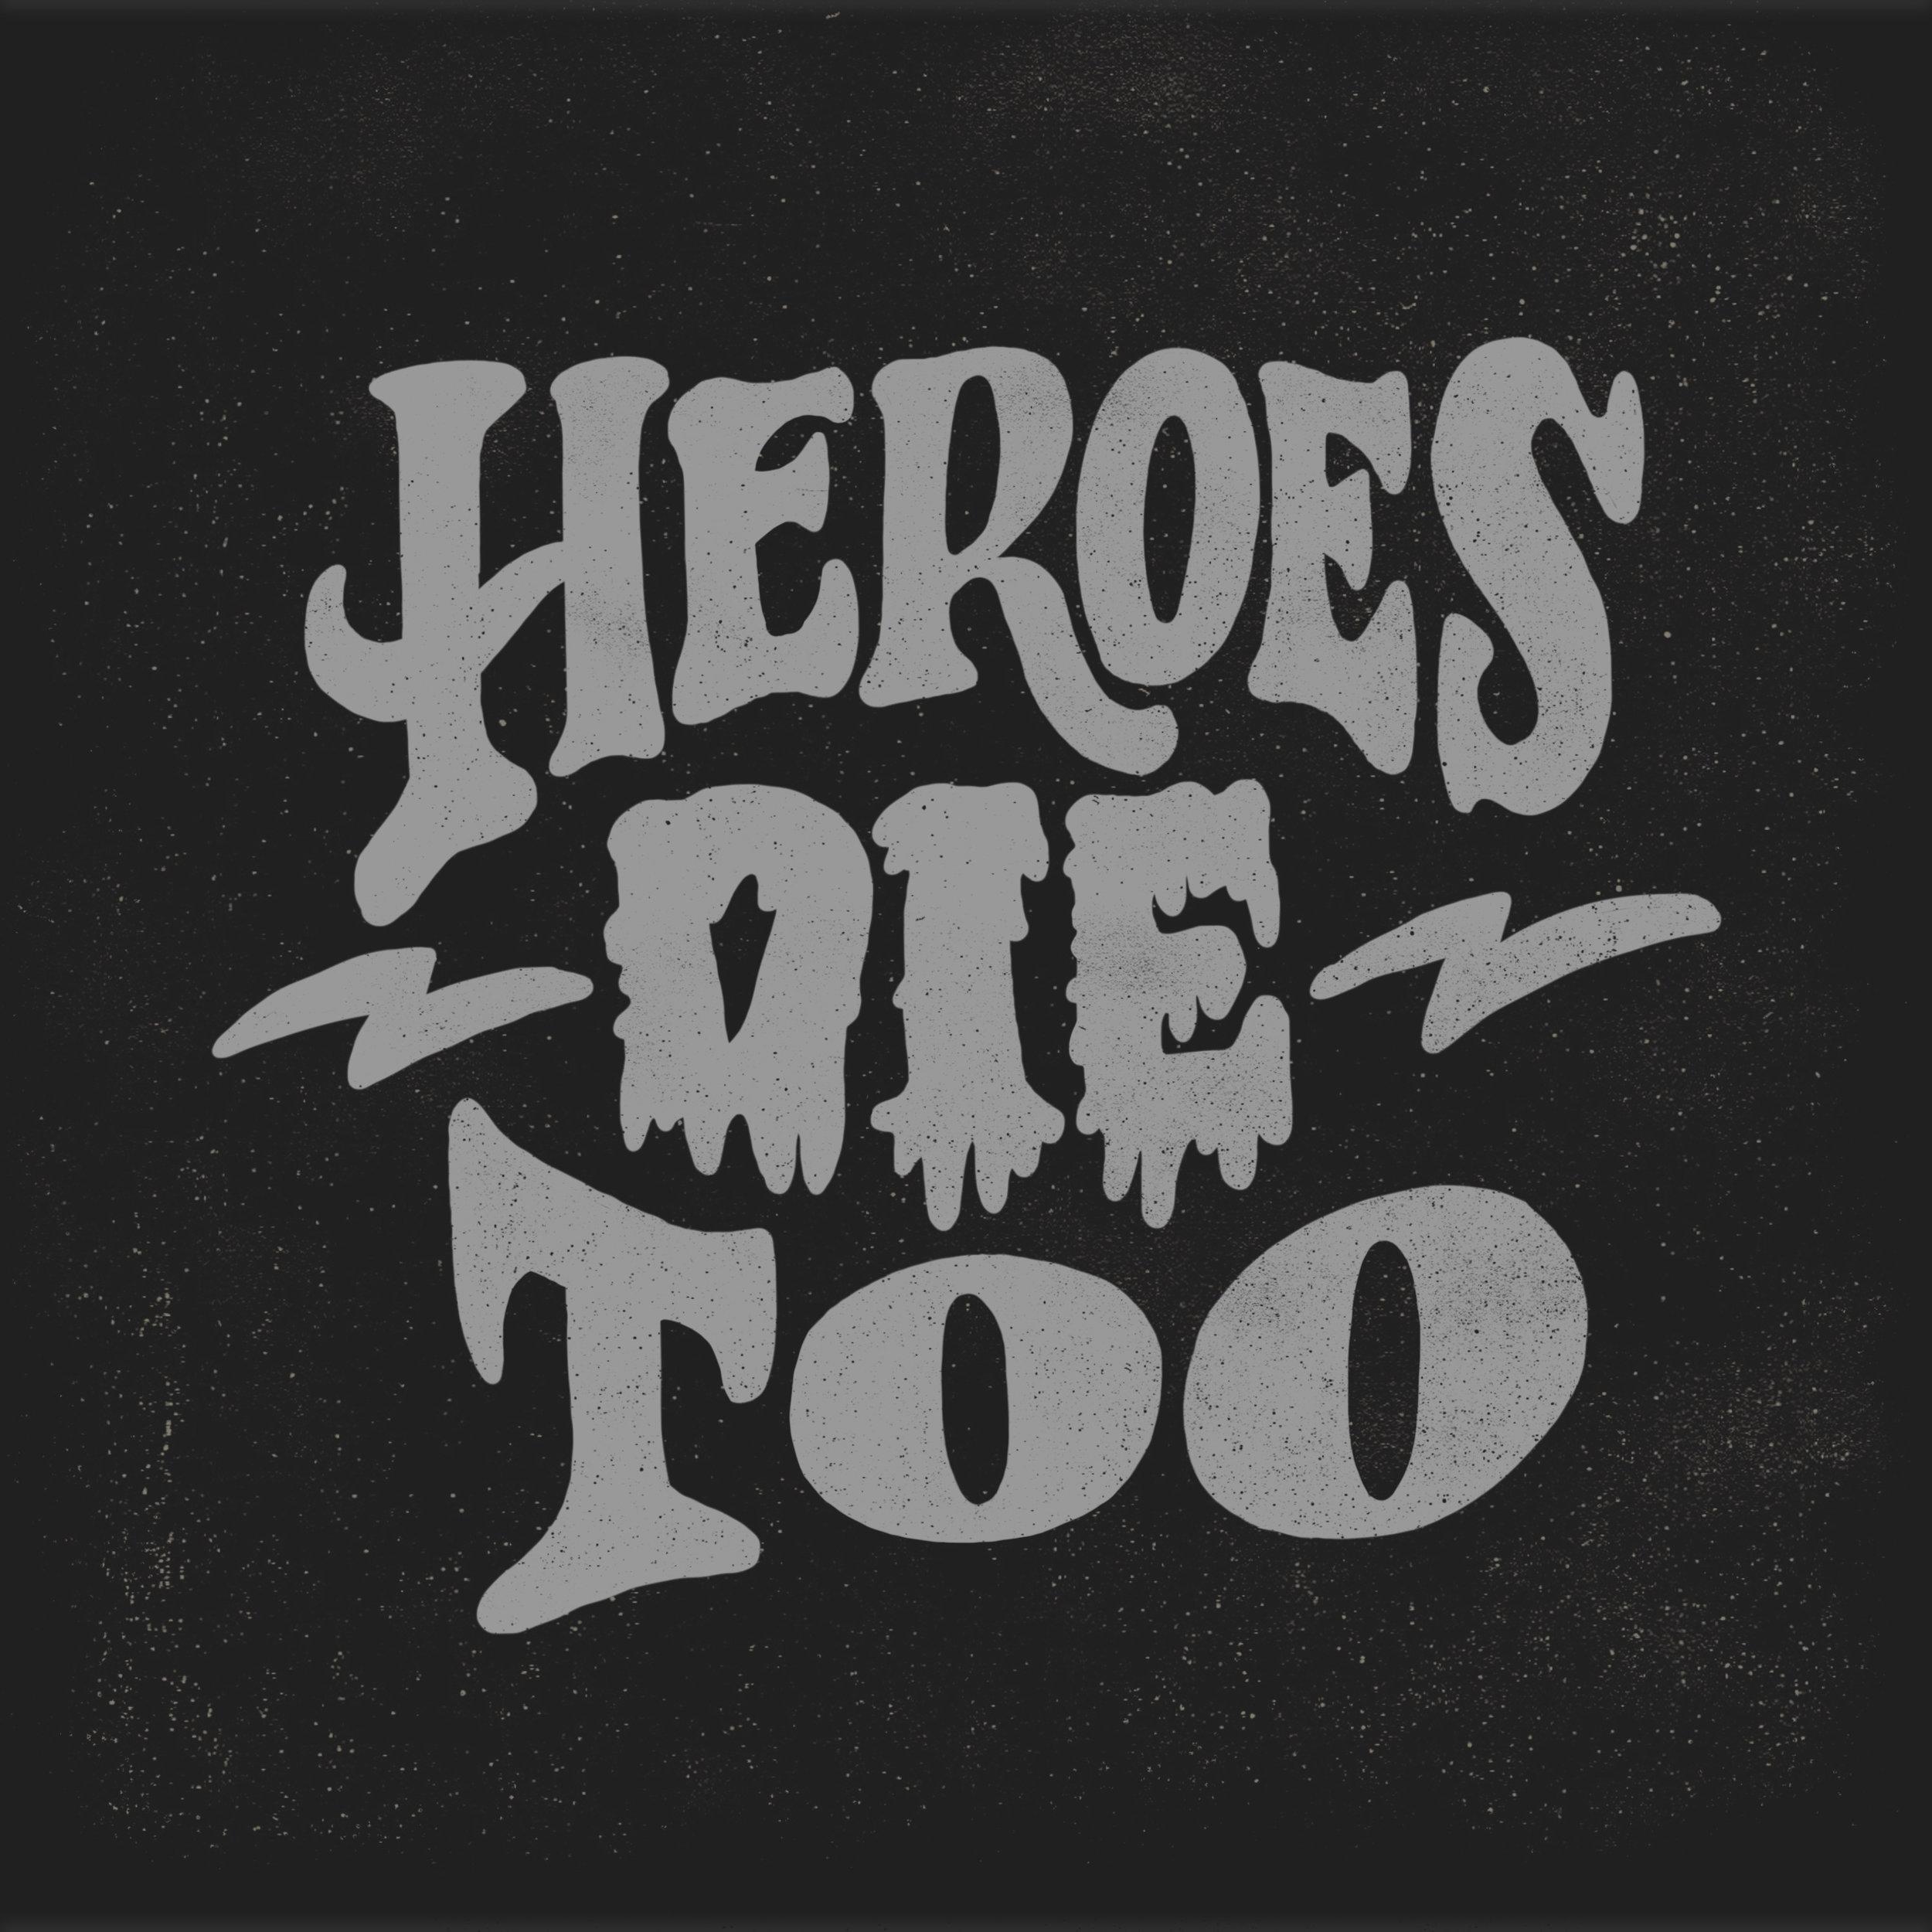 heroes die too by john suder.jpg